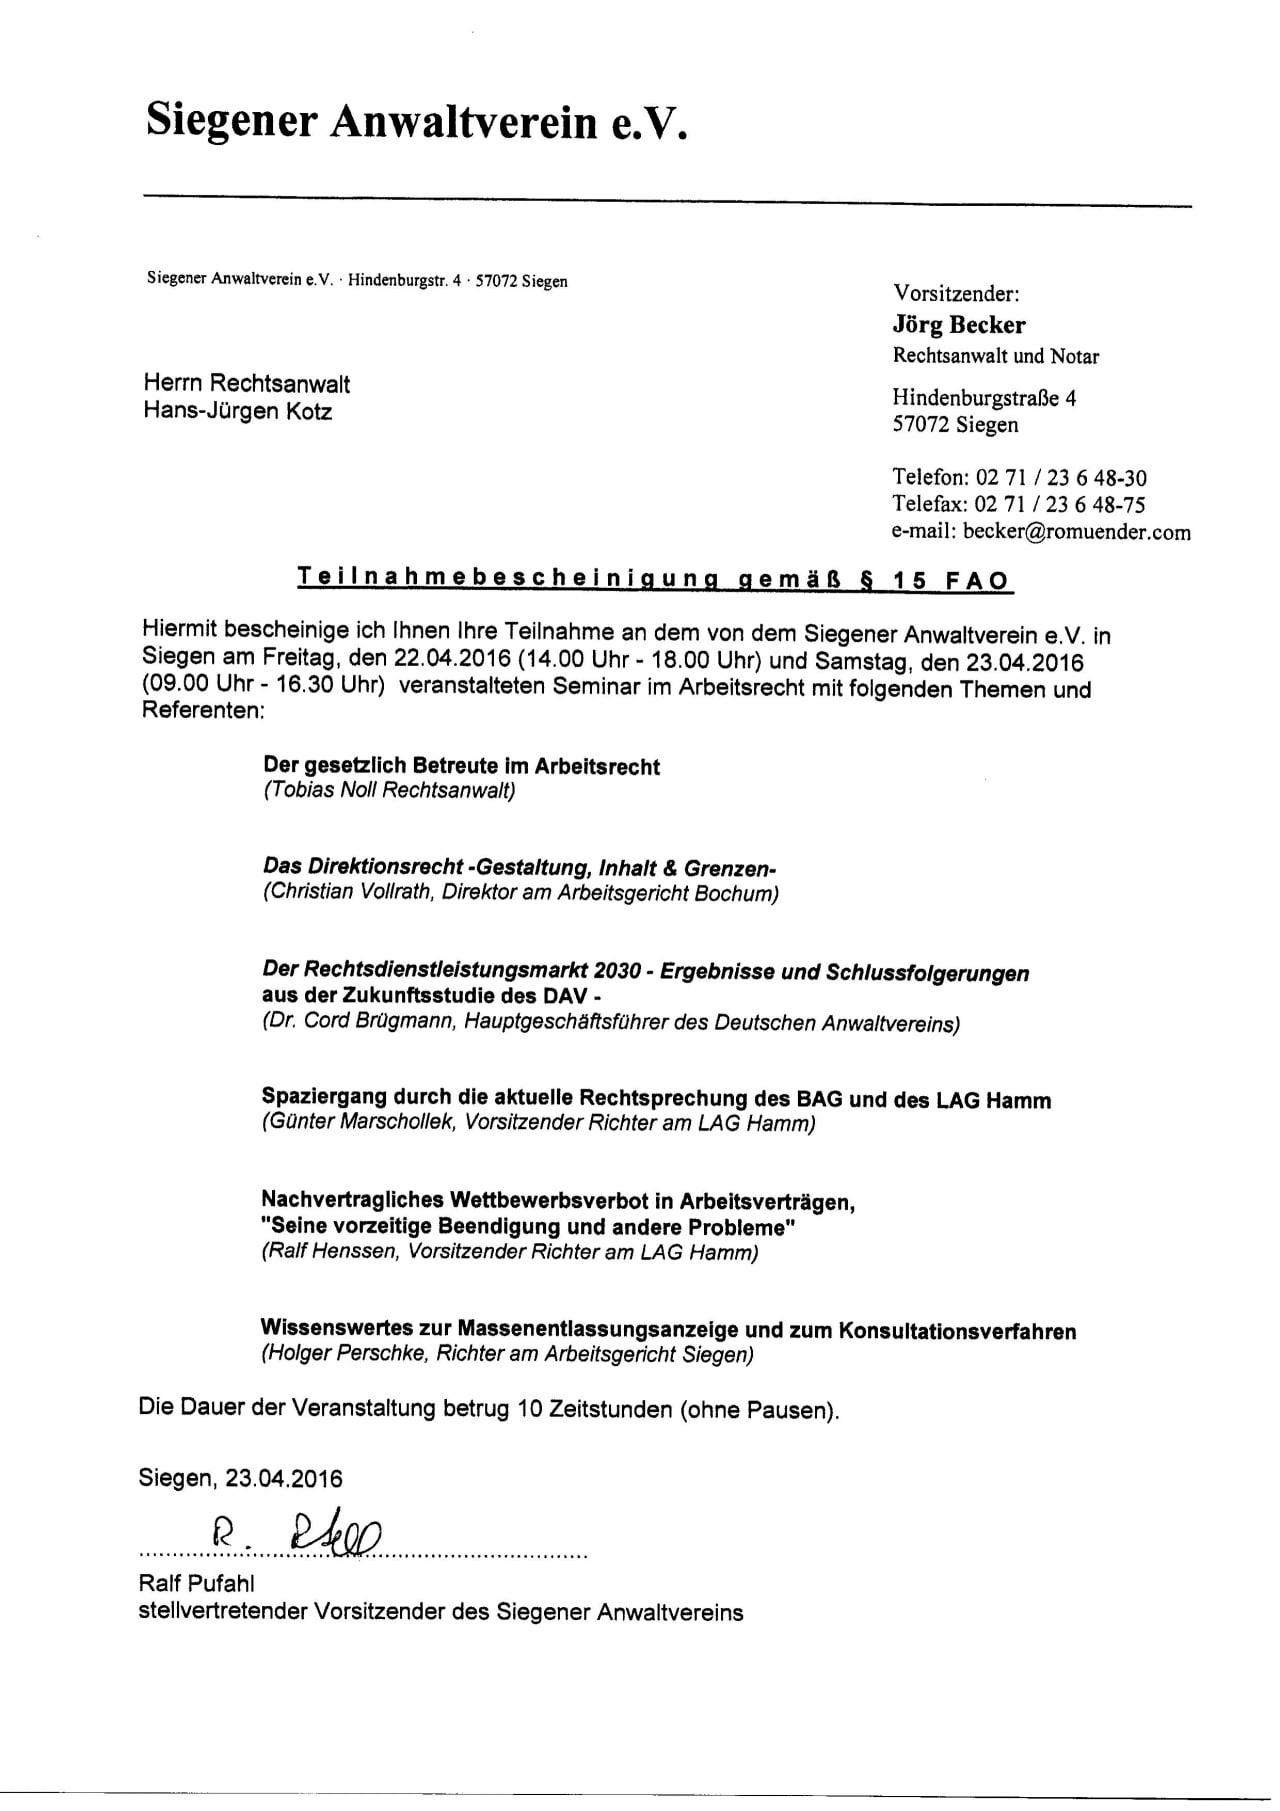 Wunderbar Zusammenfassung Der Qualifikationen Galerie - Entry Level ...